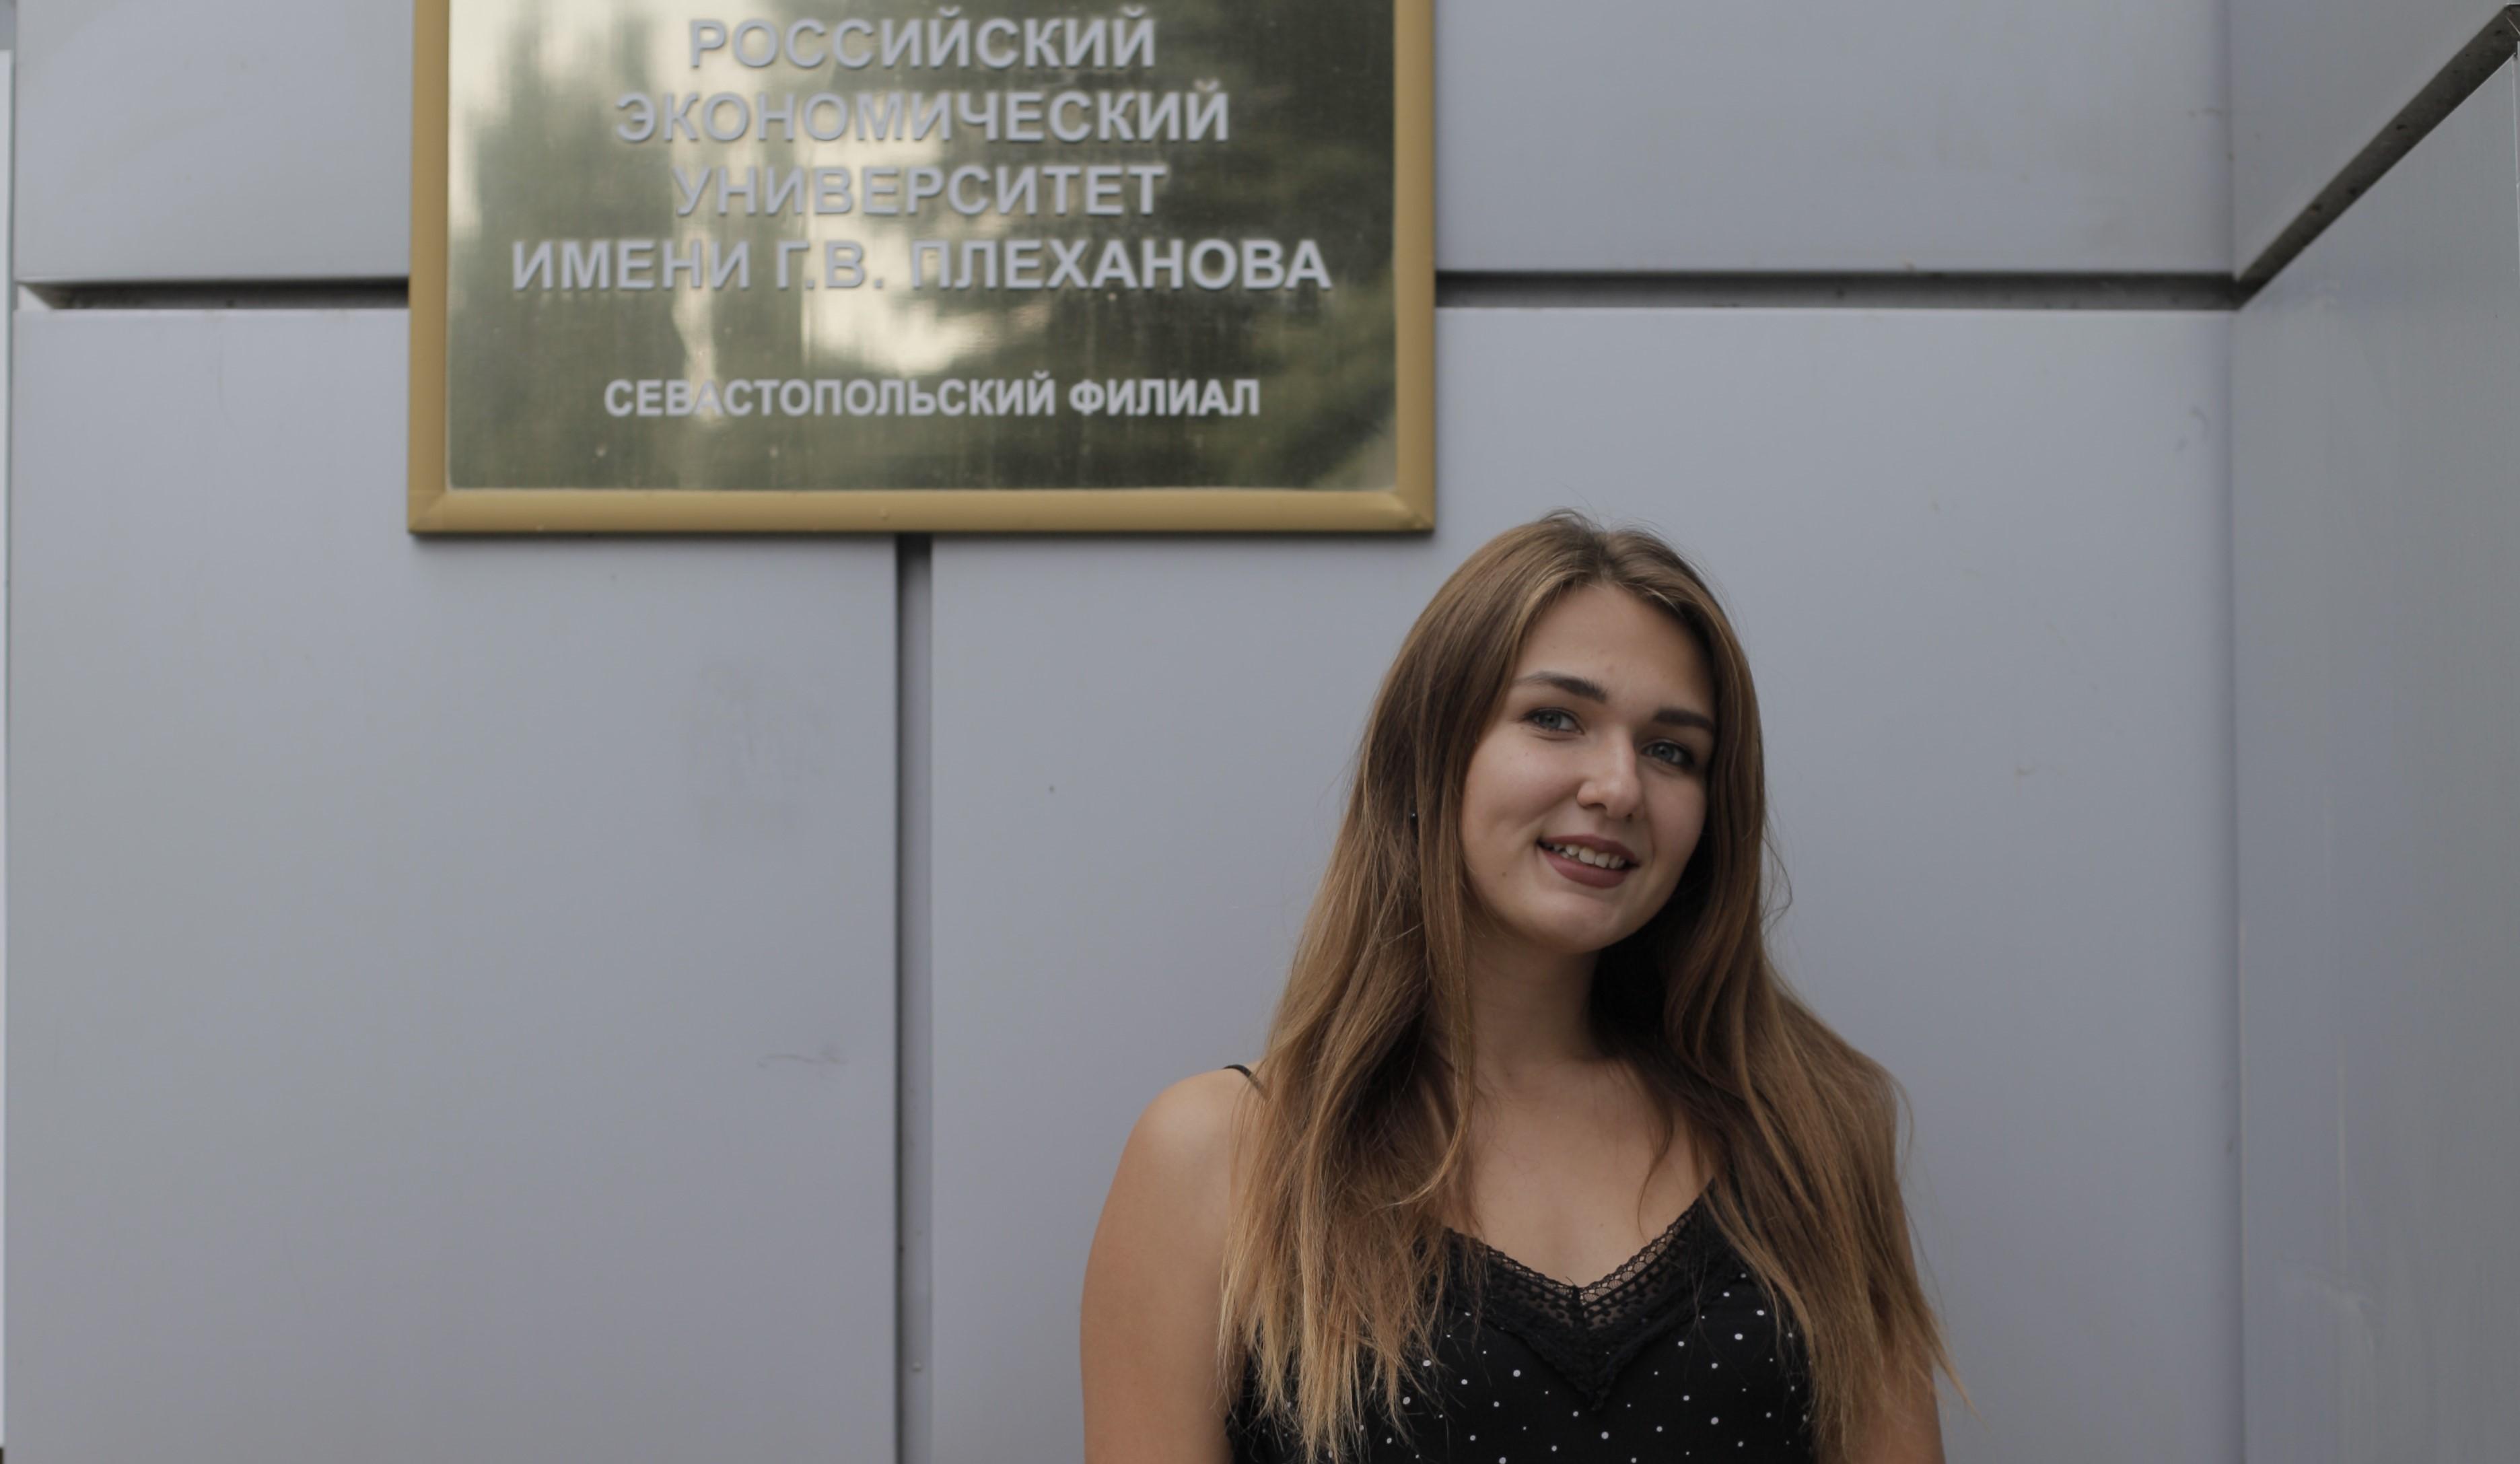 Юрченко Виктория - руководитель творческого сектора.